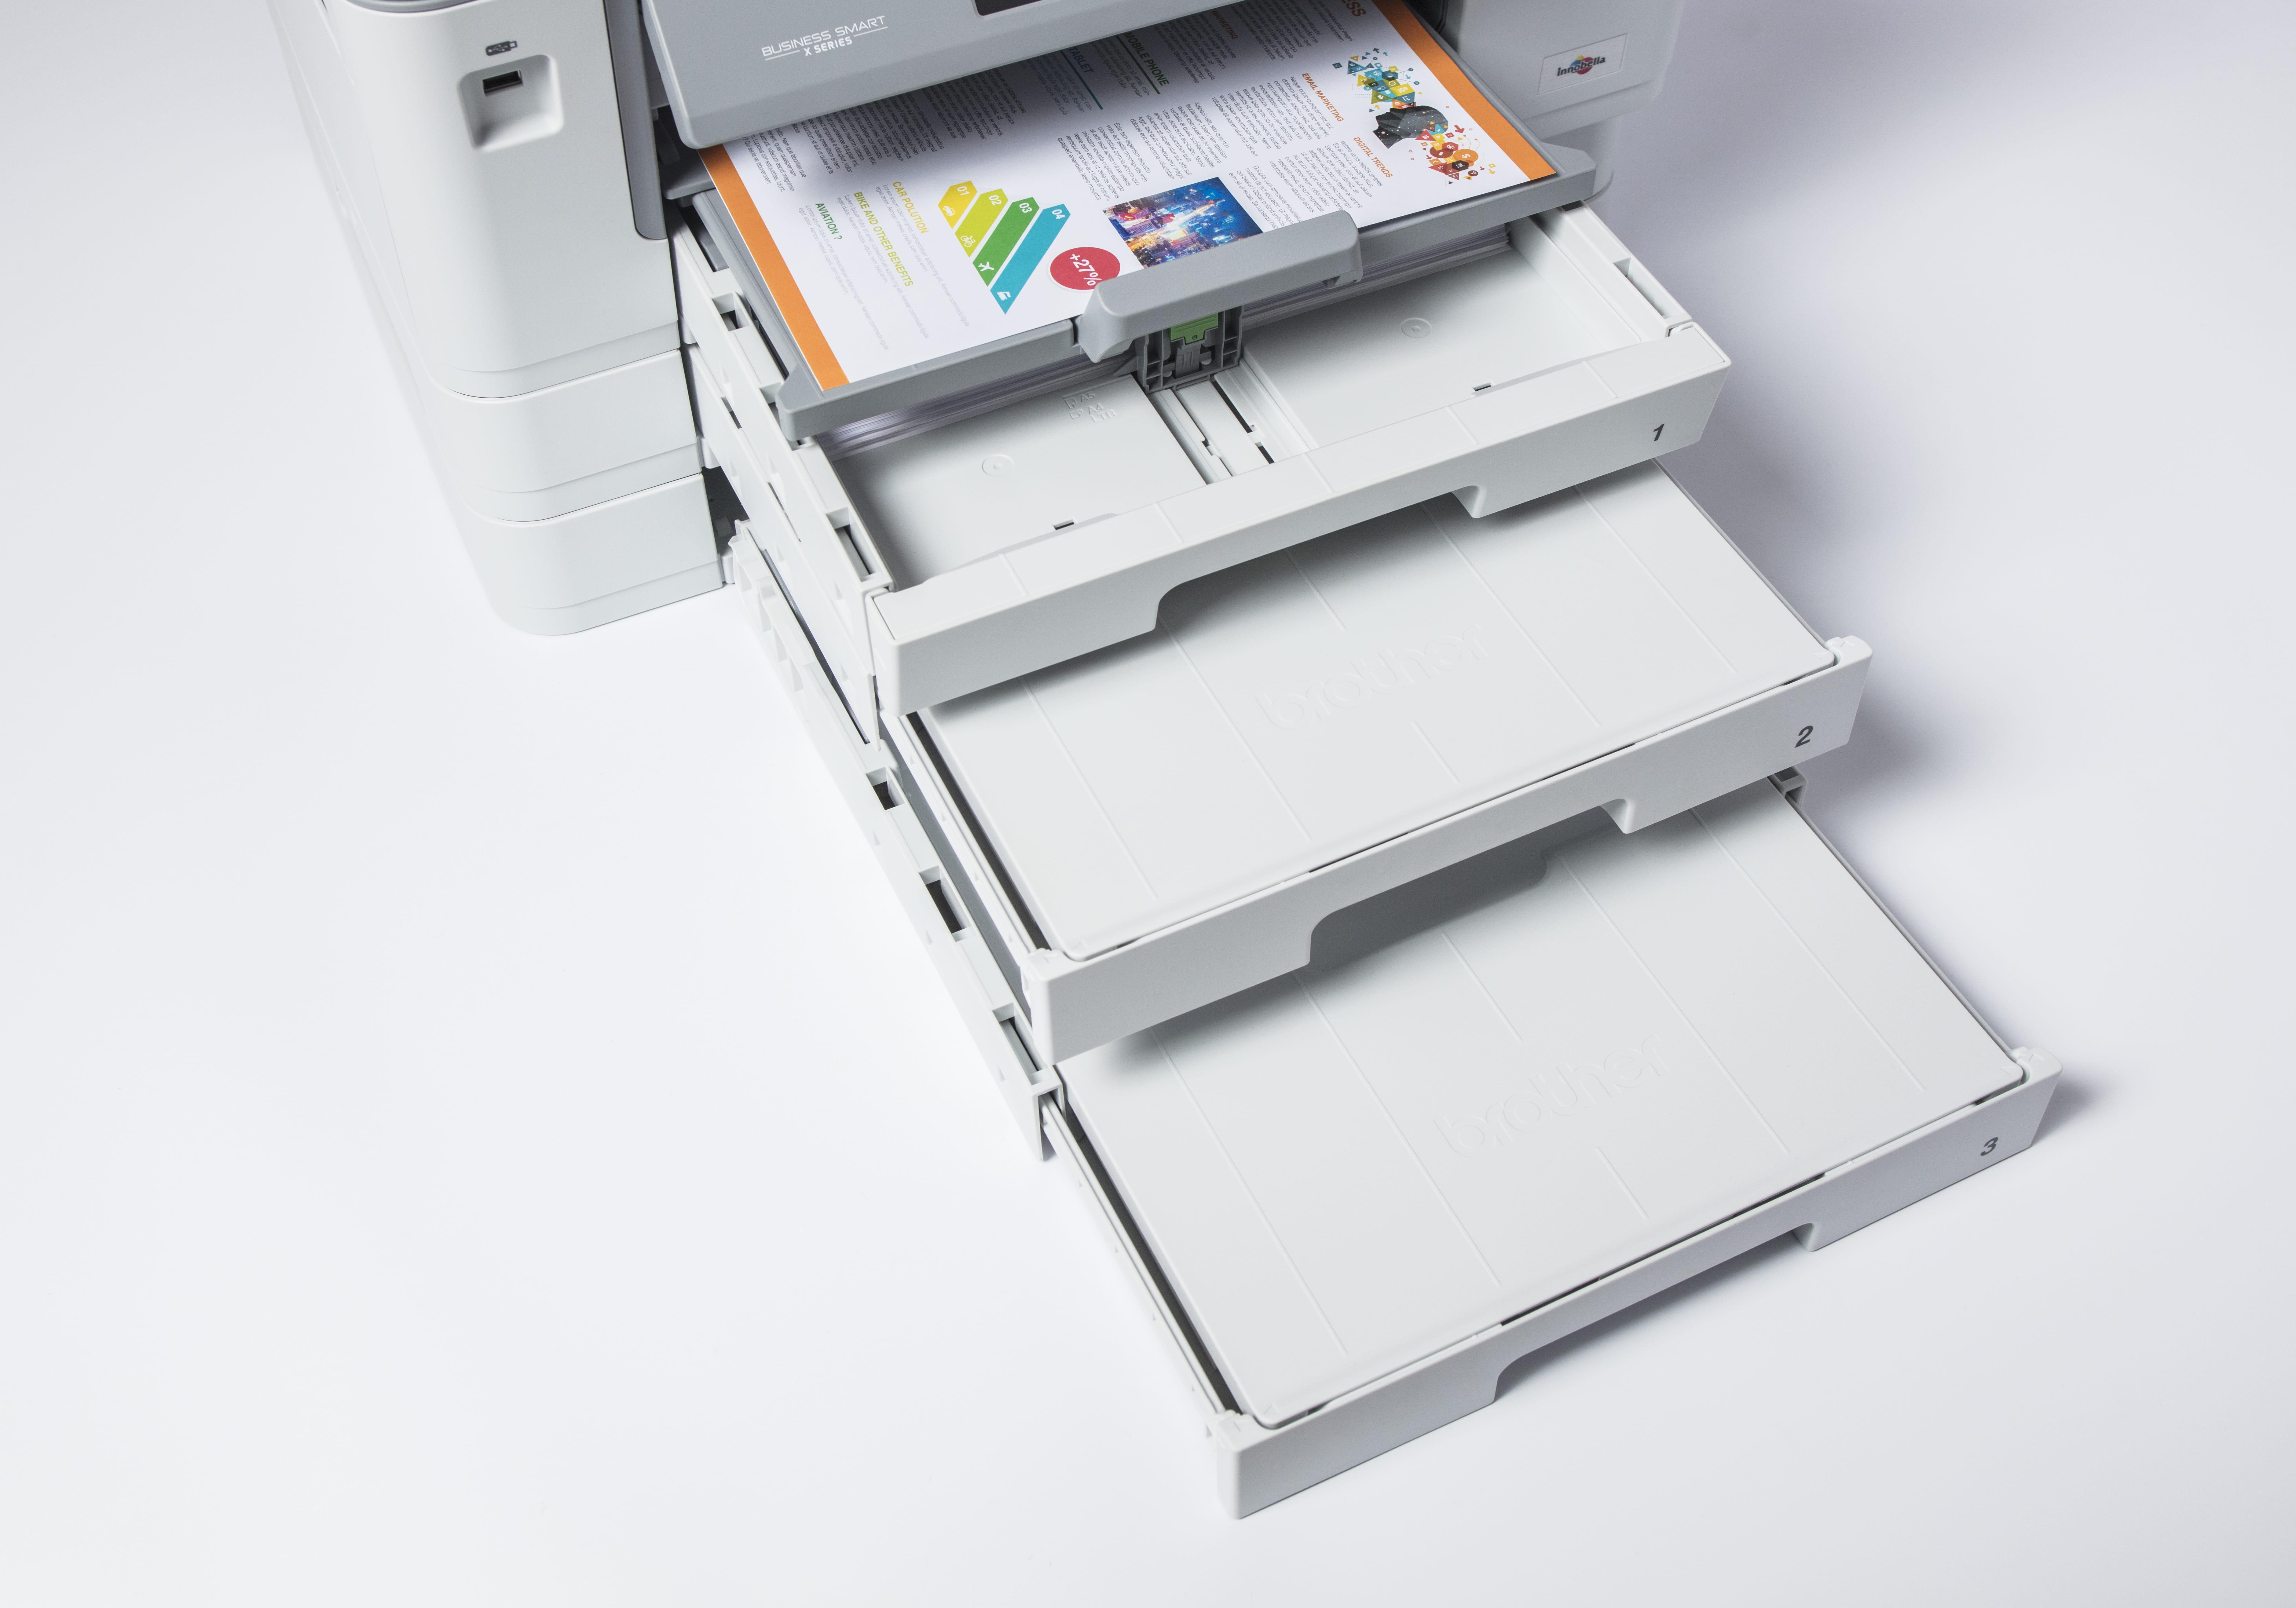 Brother MFC J6947DW multifunksjon blekkskriver med tre papirmagasin og flerbruksskuff